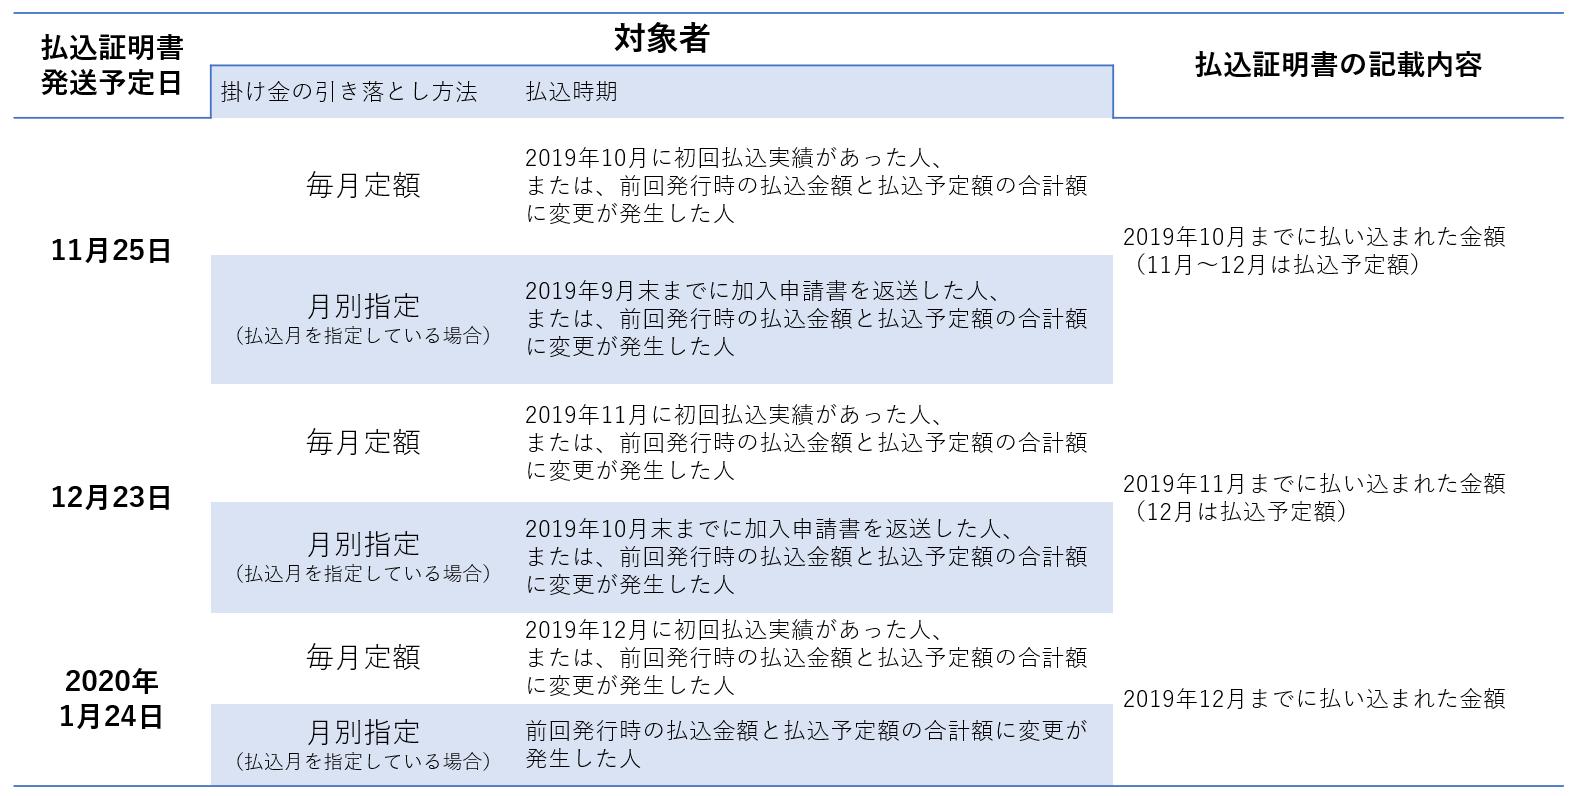 ideco2 表2